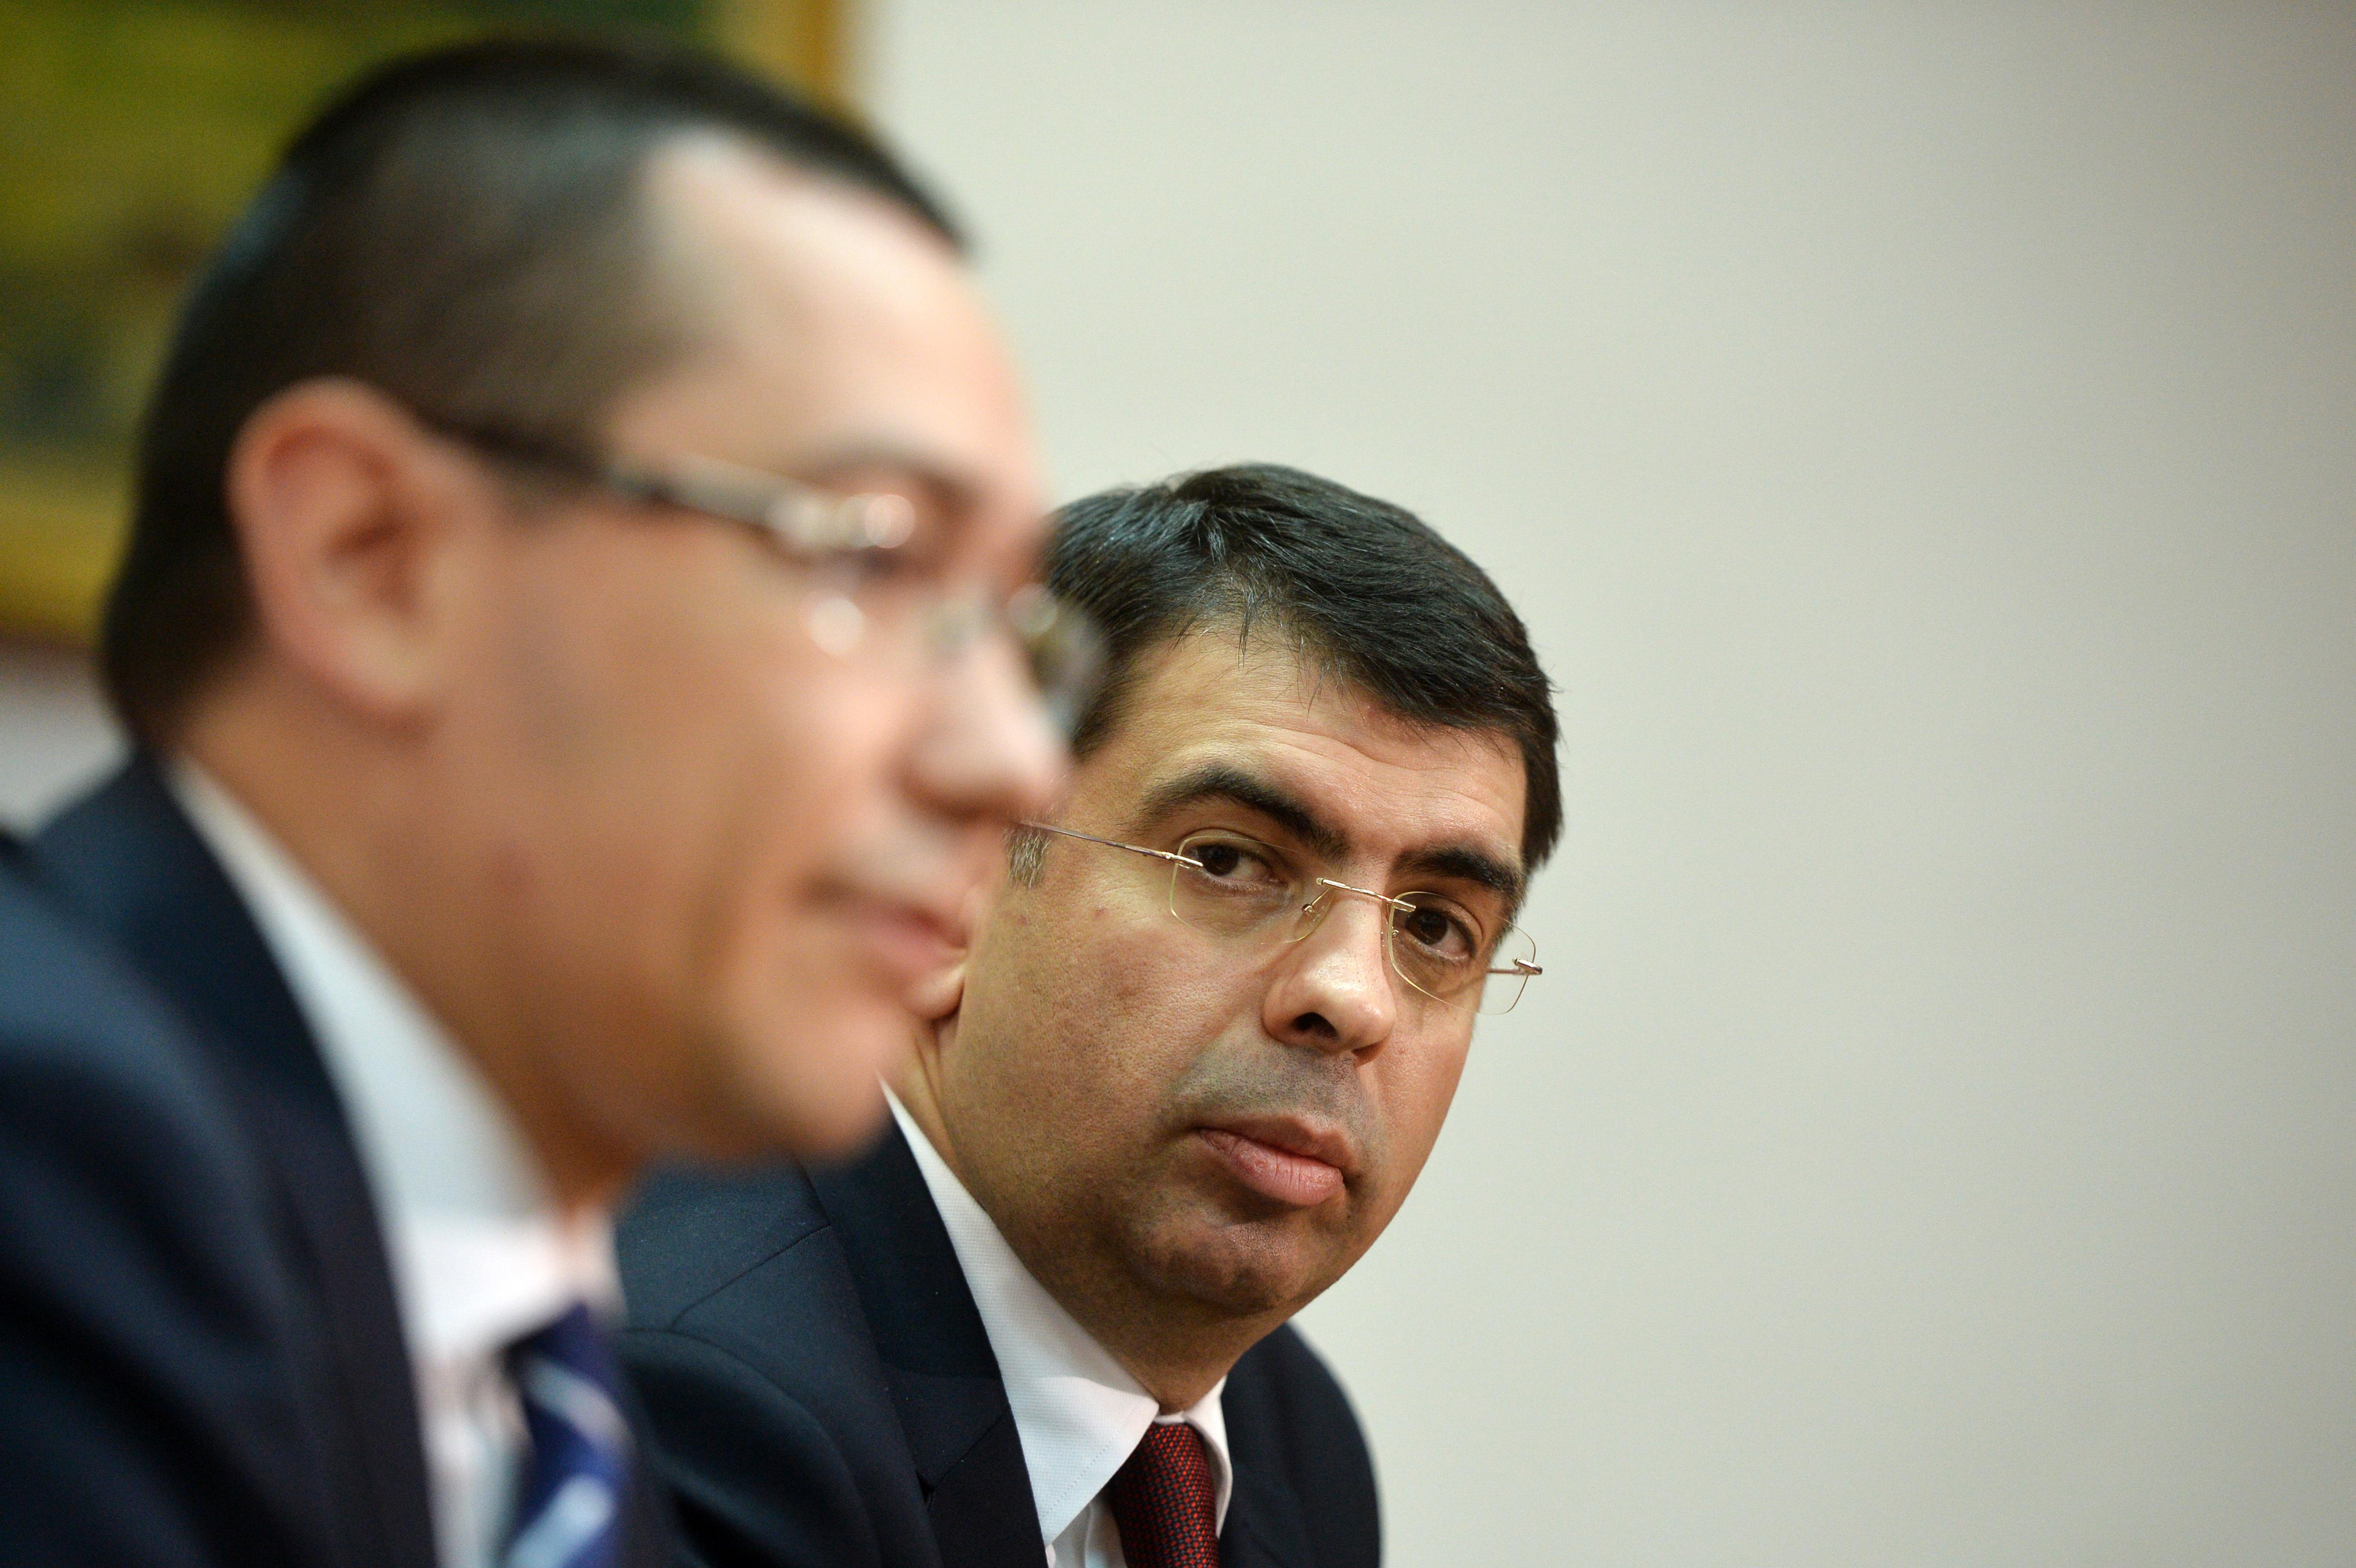 Ministrul Justitiei ii reclama pe liberali la CSM pe motiv ca ar fi incalcat independenta justitiei contestand o decizie in cazul Ponta